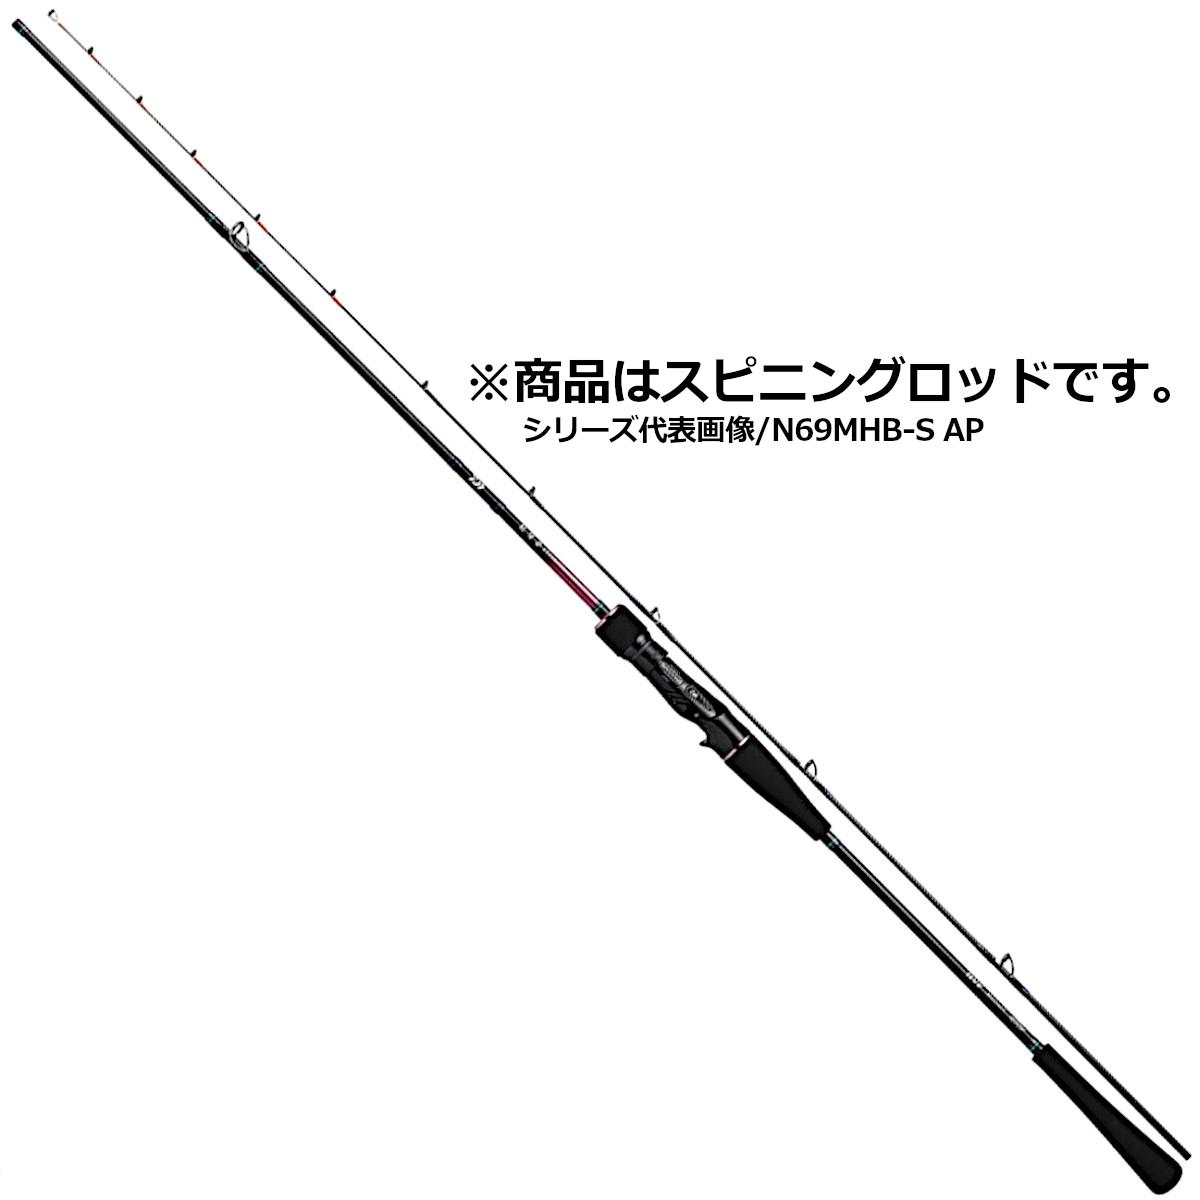 ダイワ 紅牙 TJ65MH-S AP